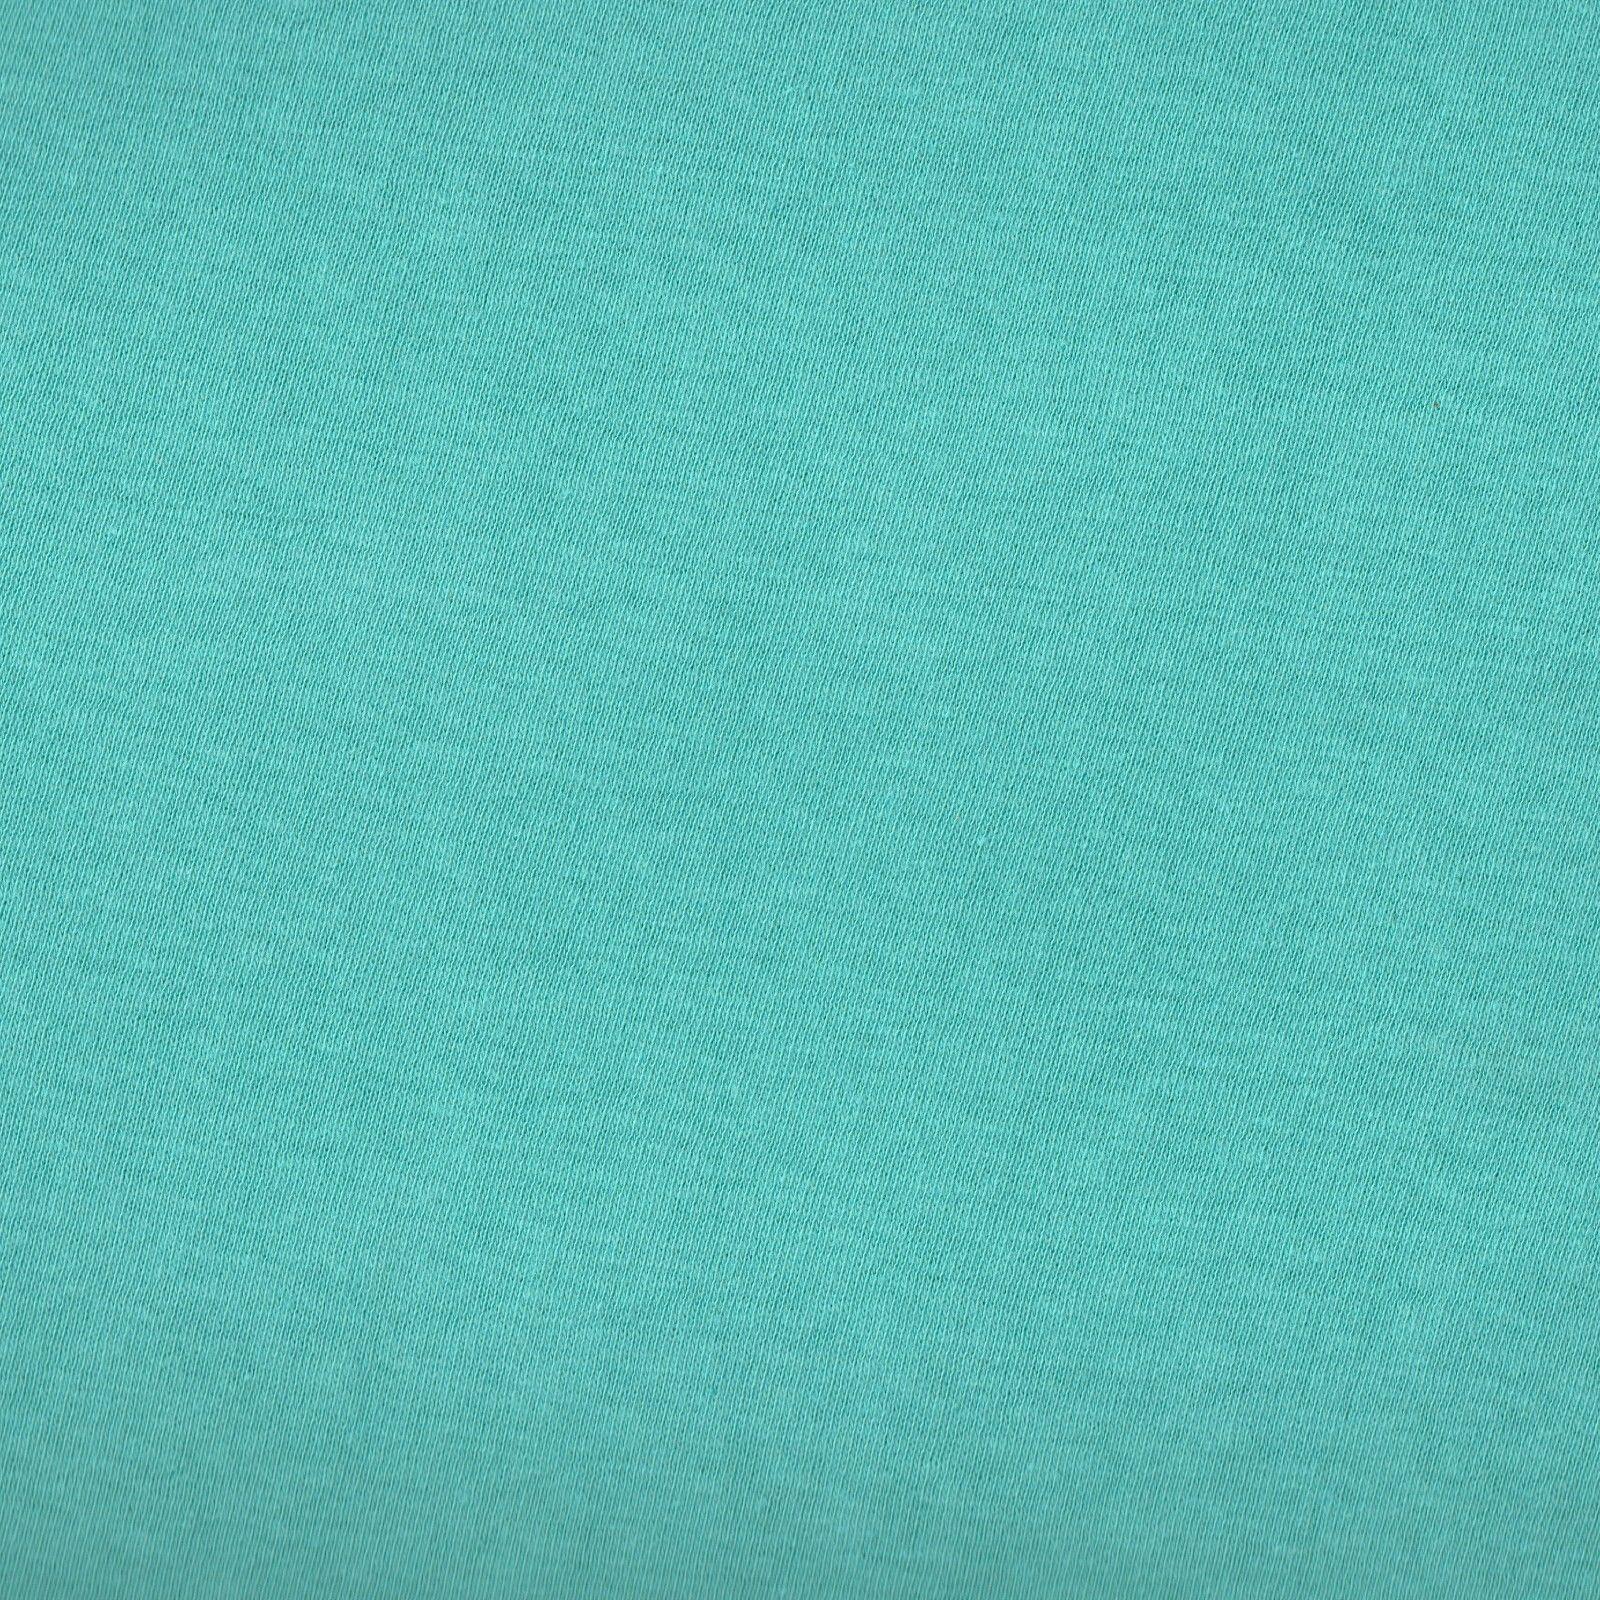 Jersey-Spannbetttuch-Sommer-Ganzjahres-Spannbettlaken-Bettlaken-Betttuch-Oko-Tex Indexbild 20